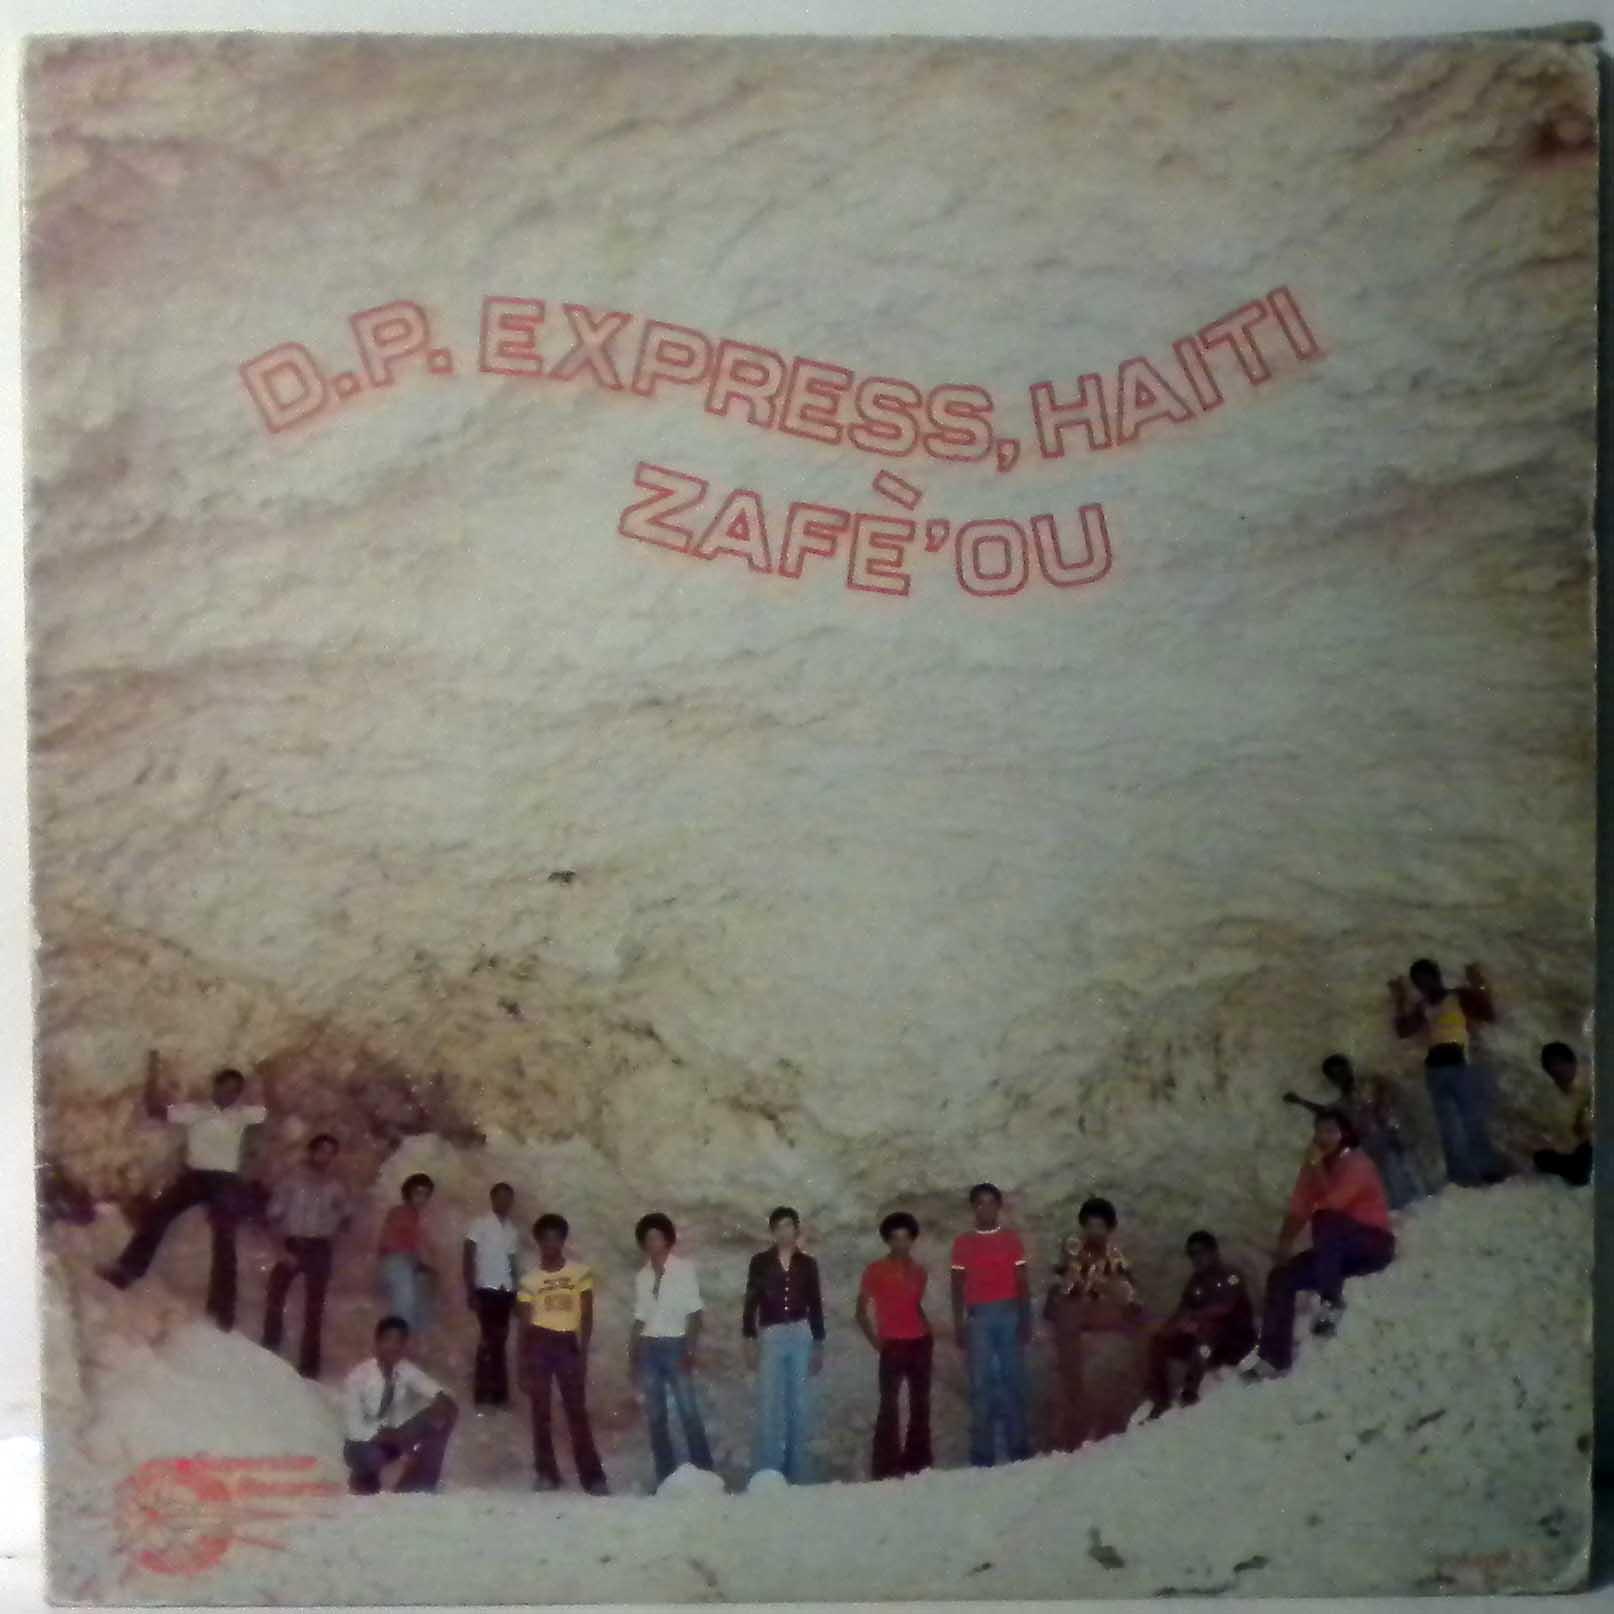 D.P. EXPRESS HAITI - Zafe ou - LP